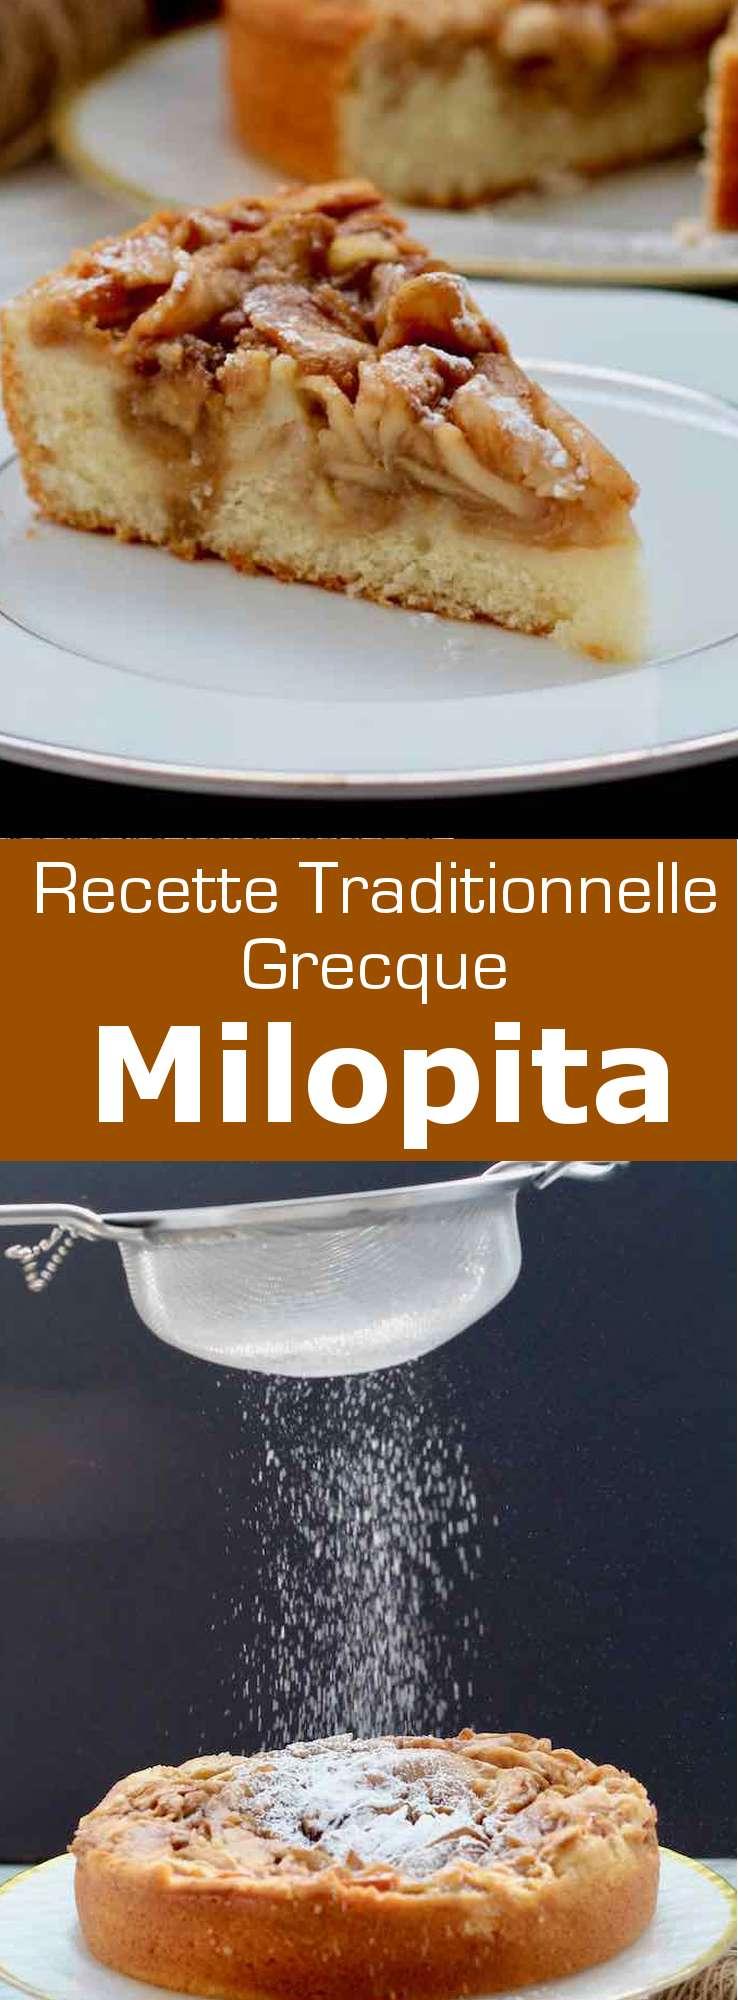 La milopita (μηλόπιτα) est la version grecque traditionnelle de la tarte aux pommes, à la cannelle, à mi chemin entre une pâte à gâteau moelleux et une pâte à tarte. #Grece #RecetteGrecque #CuisineGrecque #CuisineMediterraneenne #CuisineDuMonde #196flavors